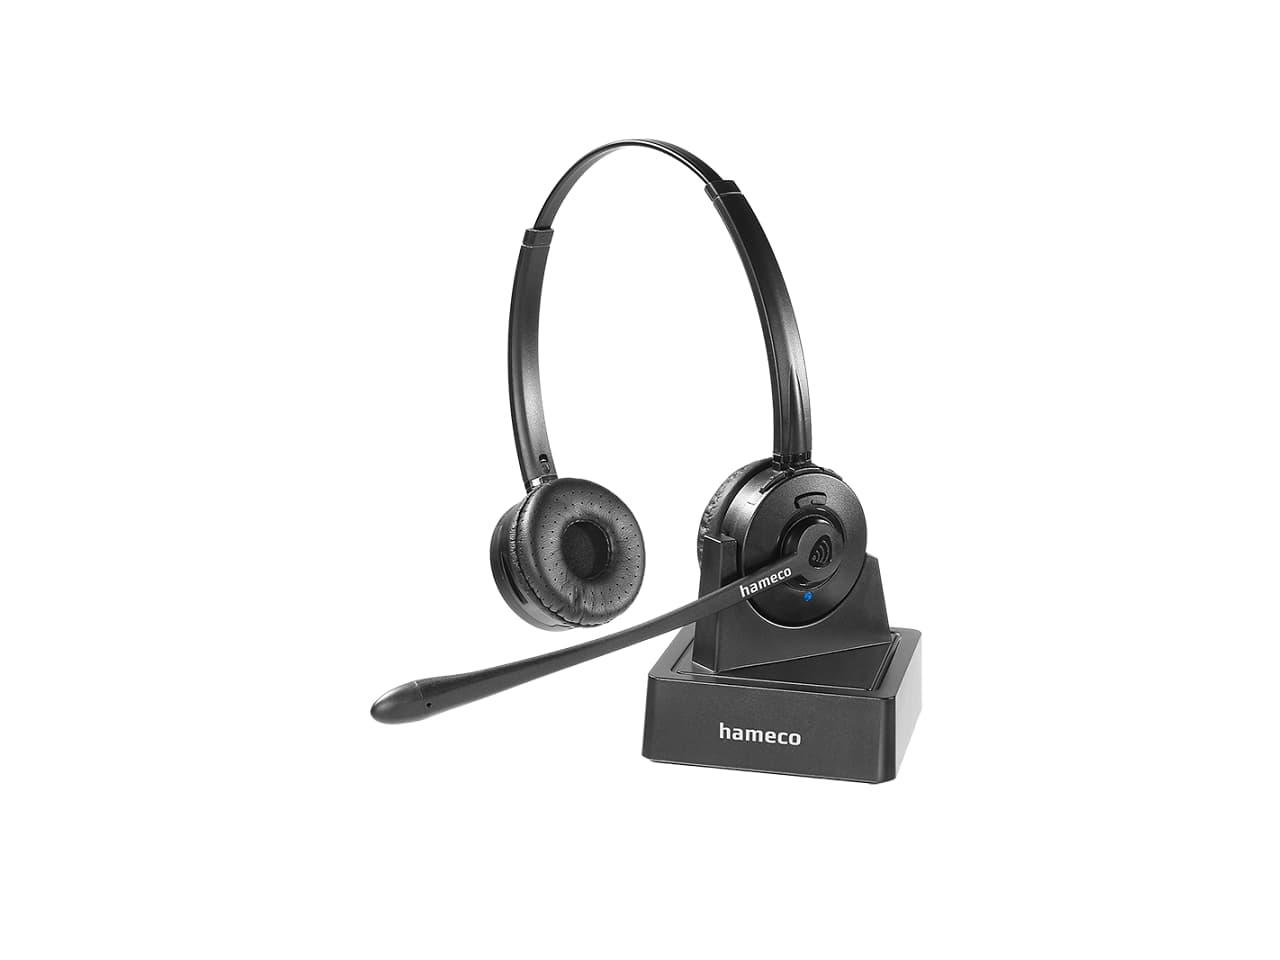 Hameco vezeték nélküli headsetmfejhallgató mikrofonnal